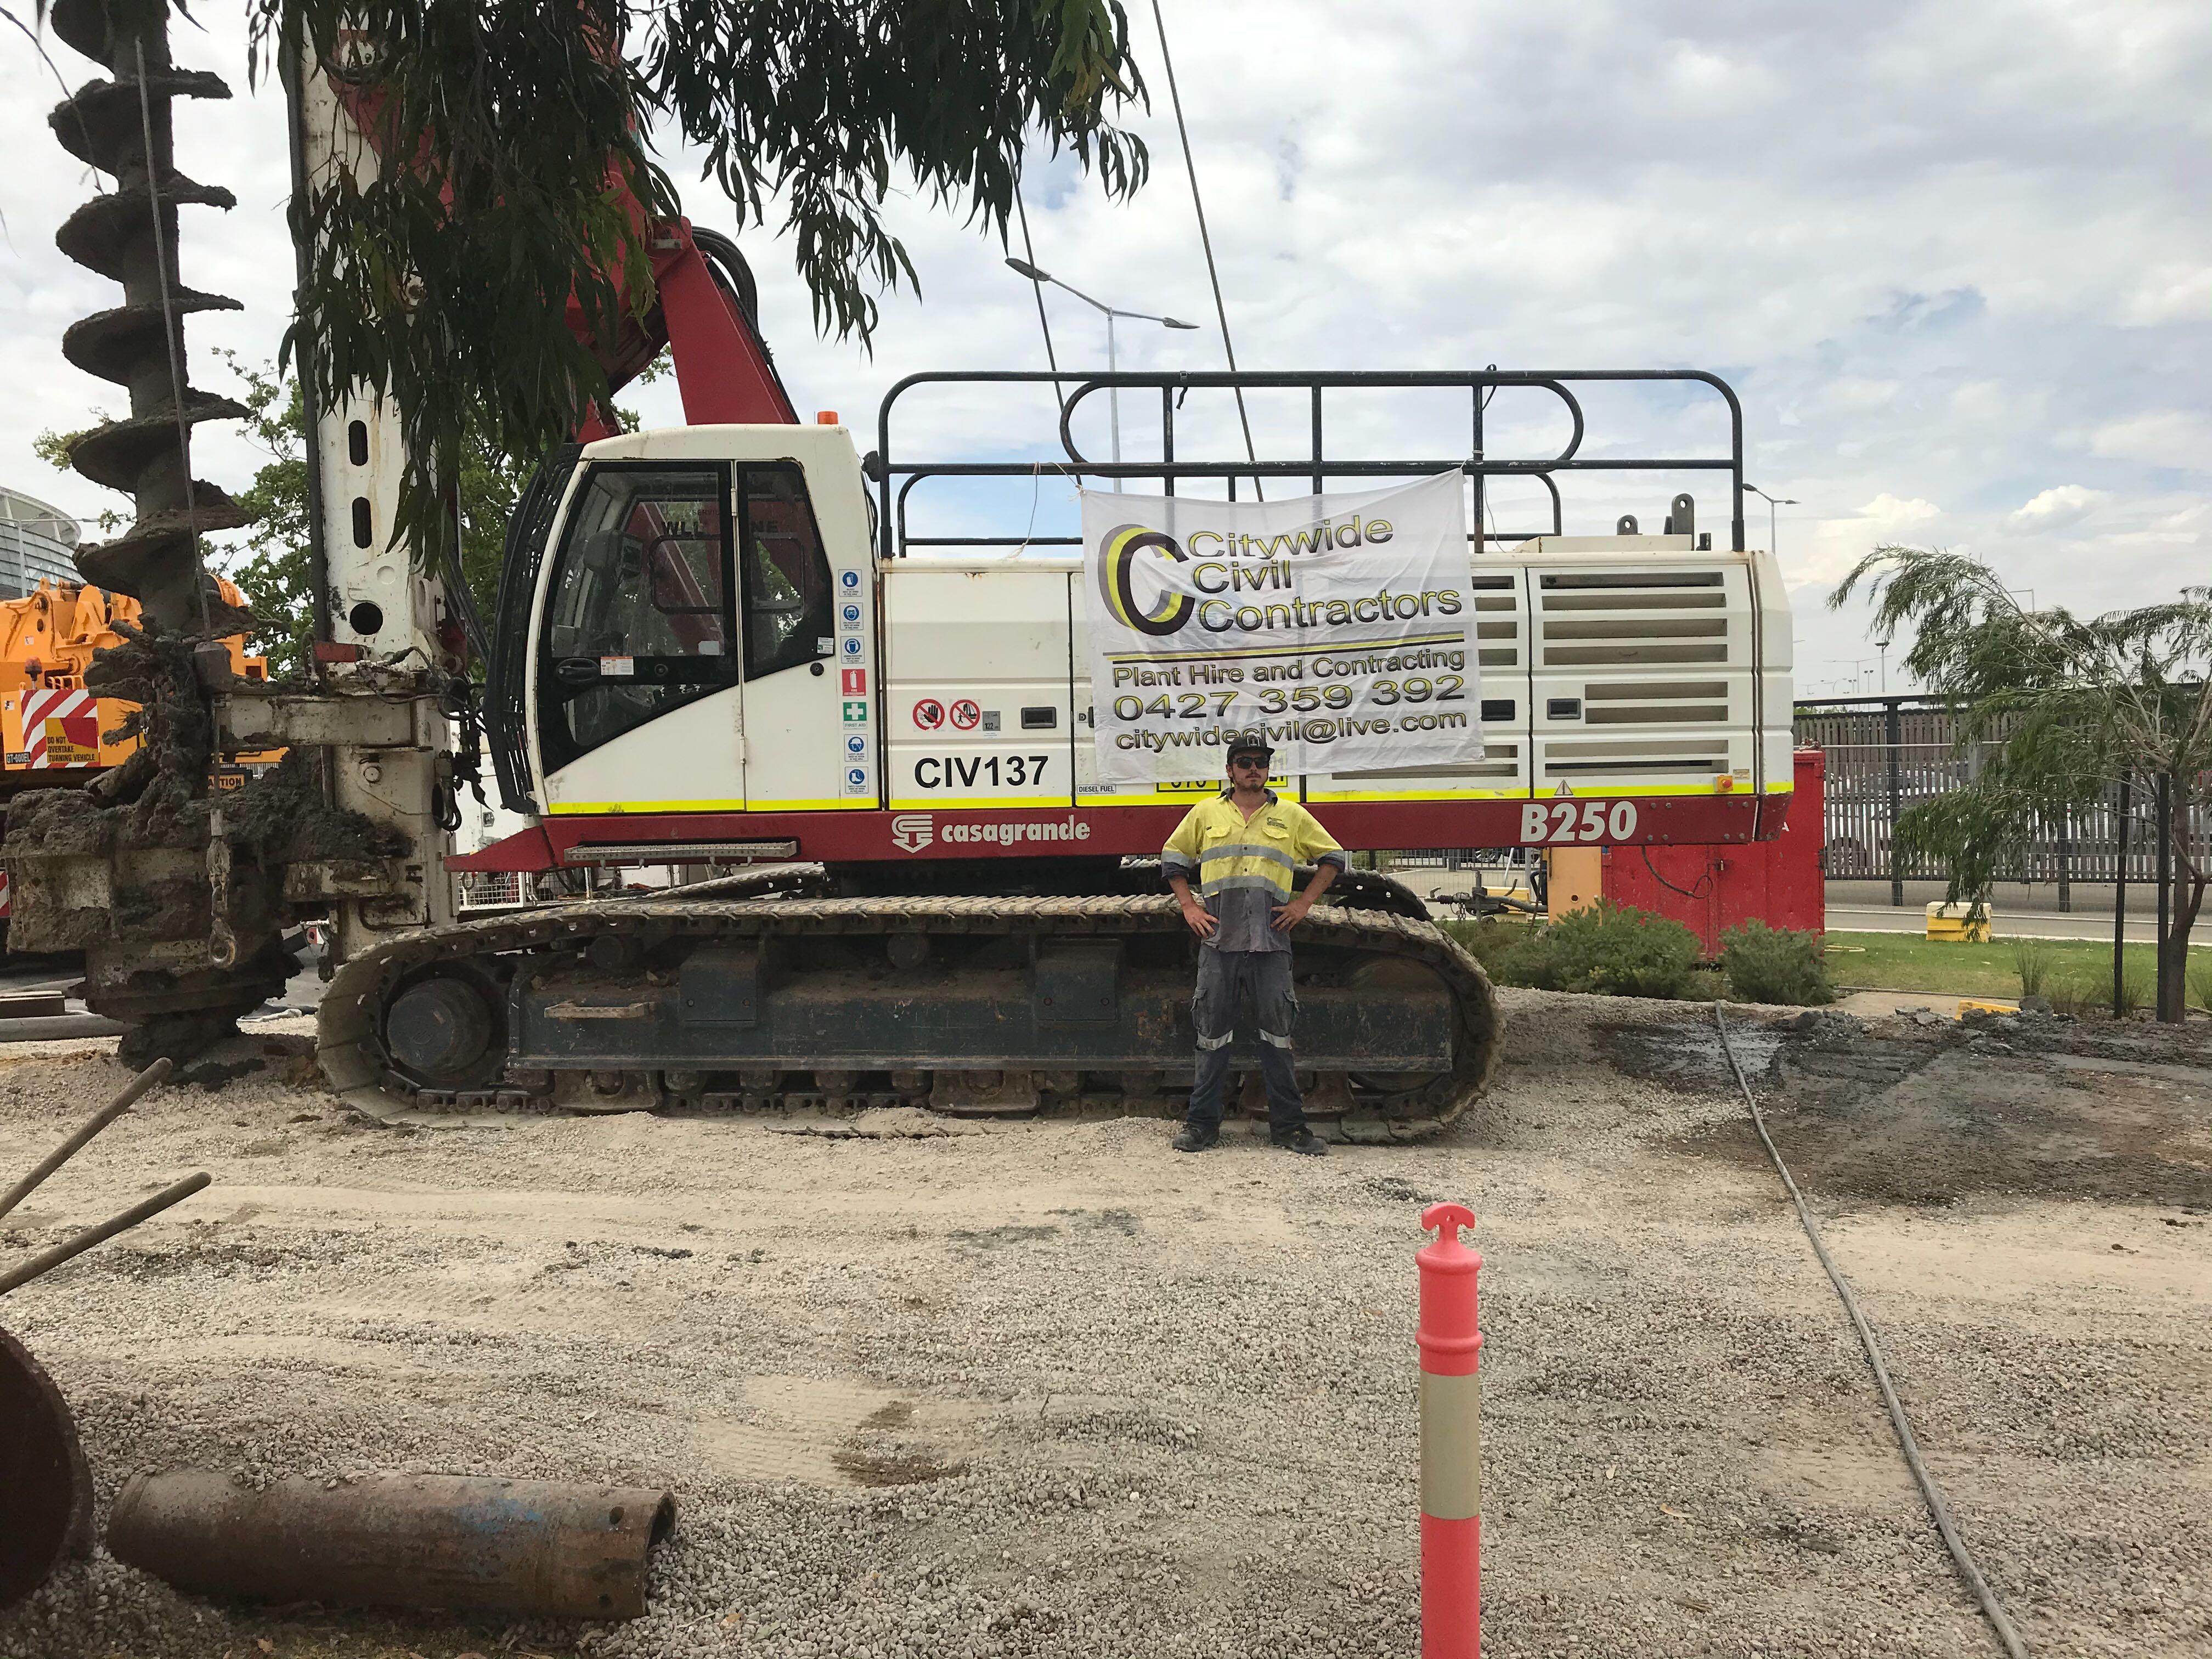 Hire Skid steer wheeled possi trac excavator 6 ton excavator 1.8 ton